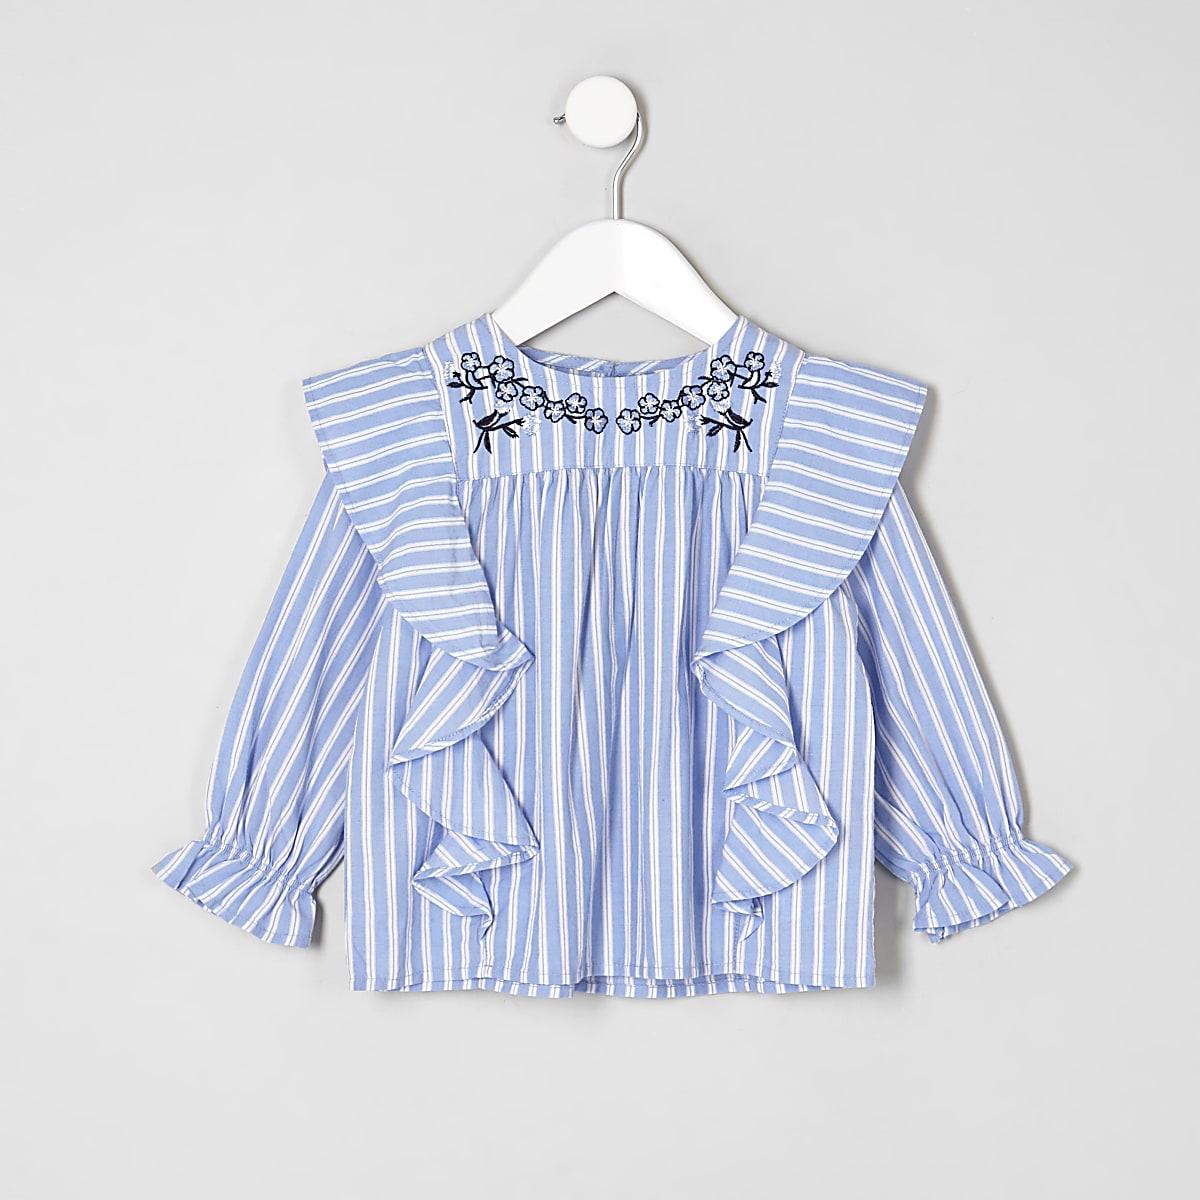 Mini - Blauwe gestreepte swingtop voor meisjes